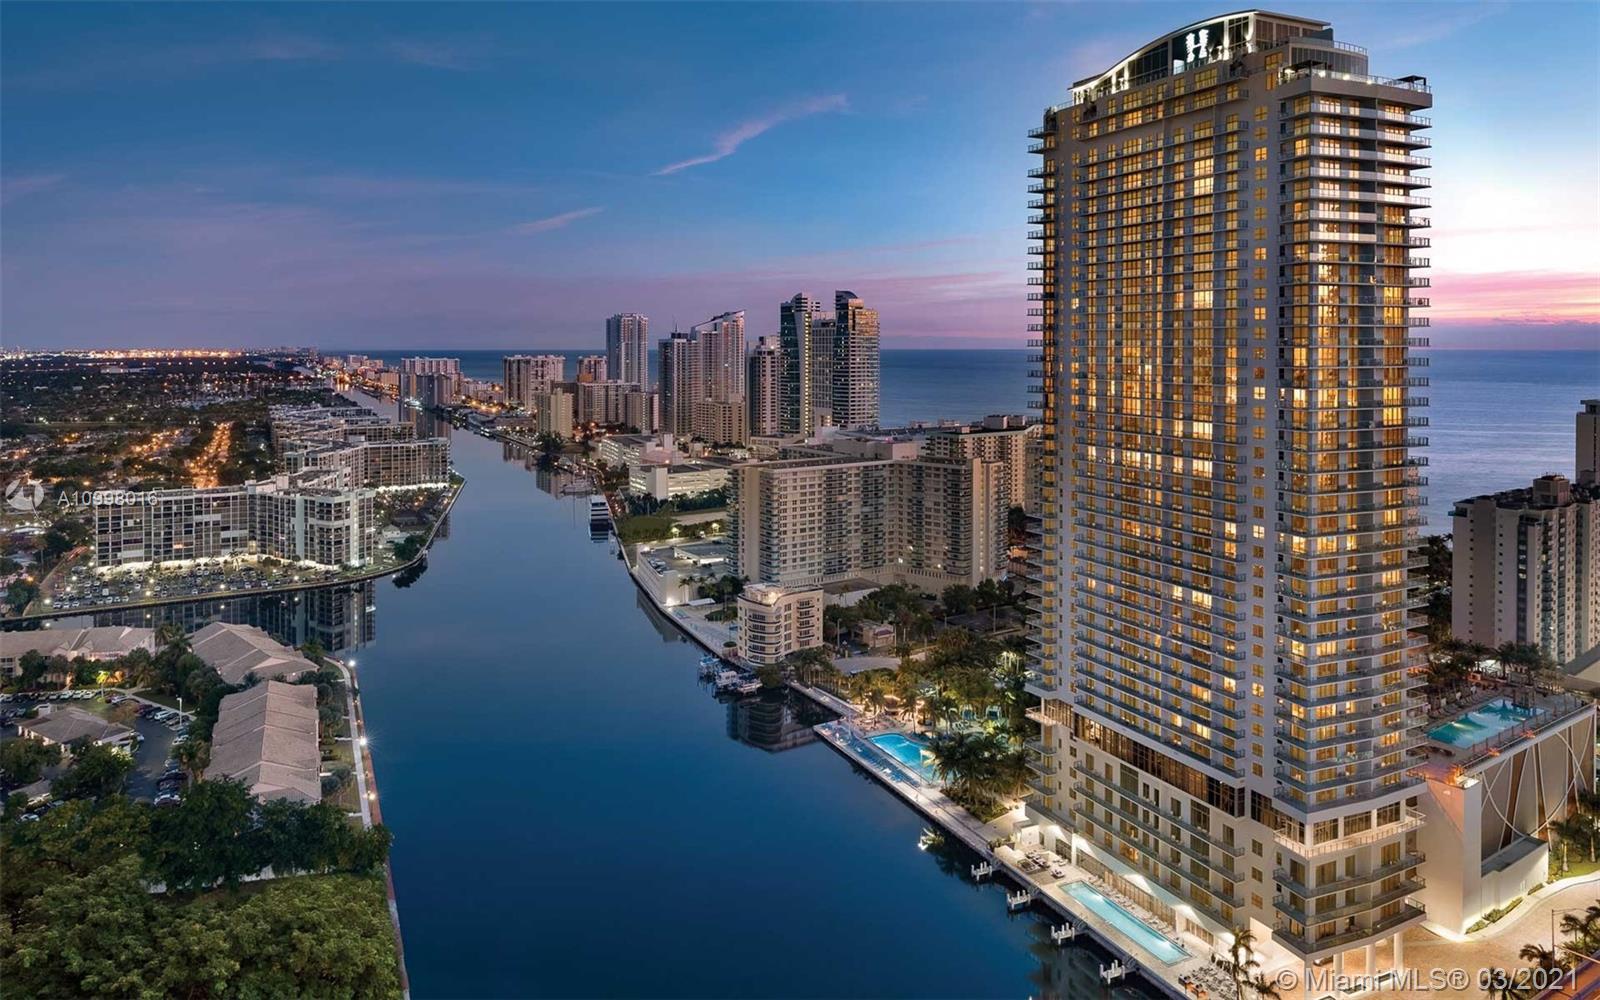 Hyde Beach House #R2809 - 4010 S Ocean Dr #R2809, Hollywood, FL 33019